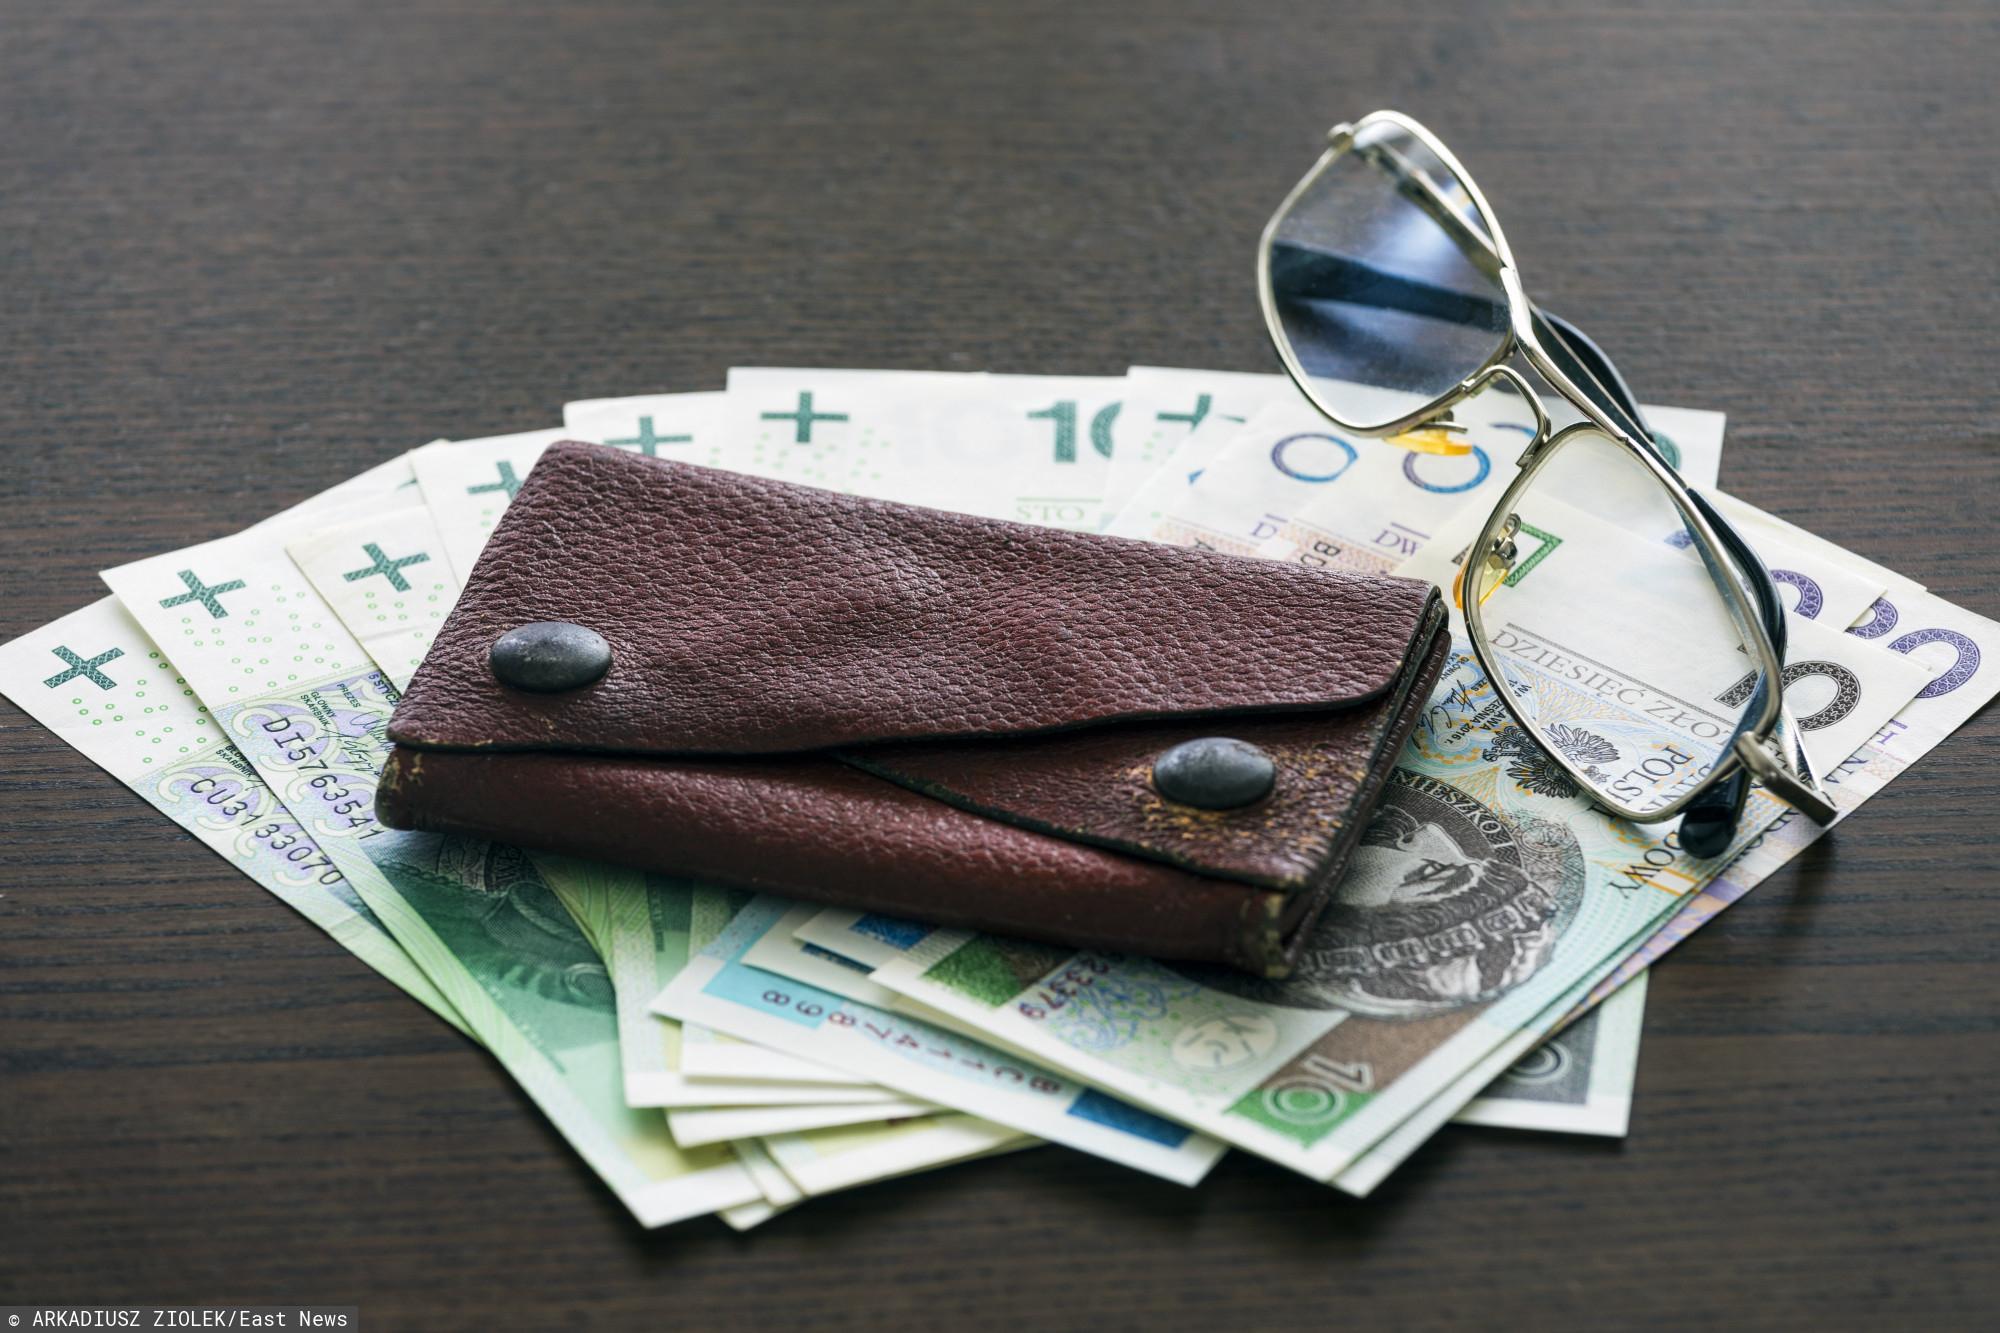 Czternastka będzie wypłacana emerytom? Wiele na to wskazuje, a deklaruje to sam premier Mateusz Morawiecki.